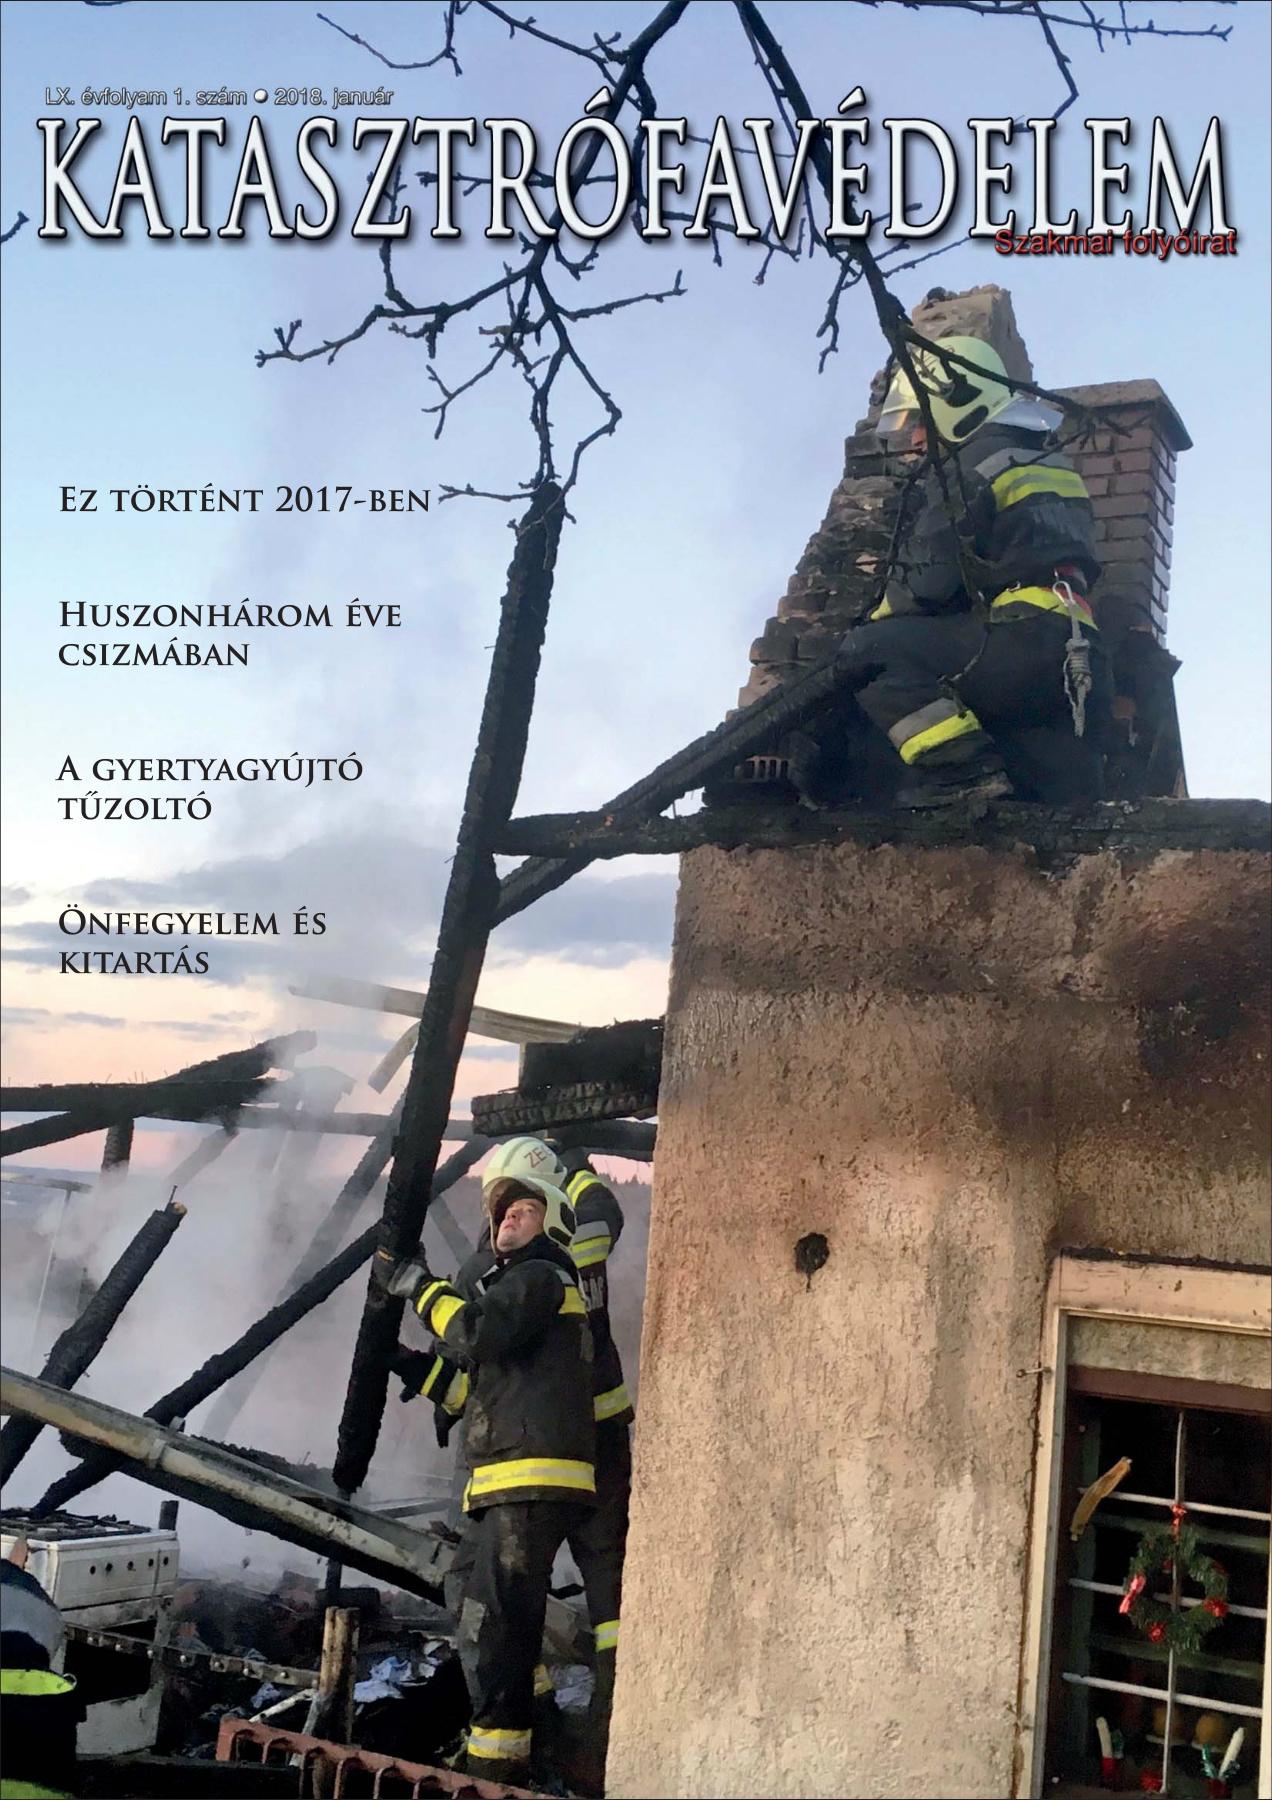 A Katasztrófavédelem magazin LX. évfolyam 1. szám megtekintése